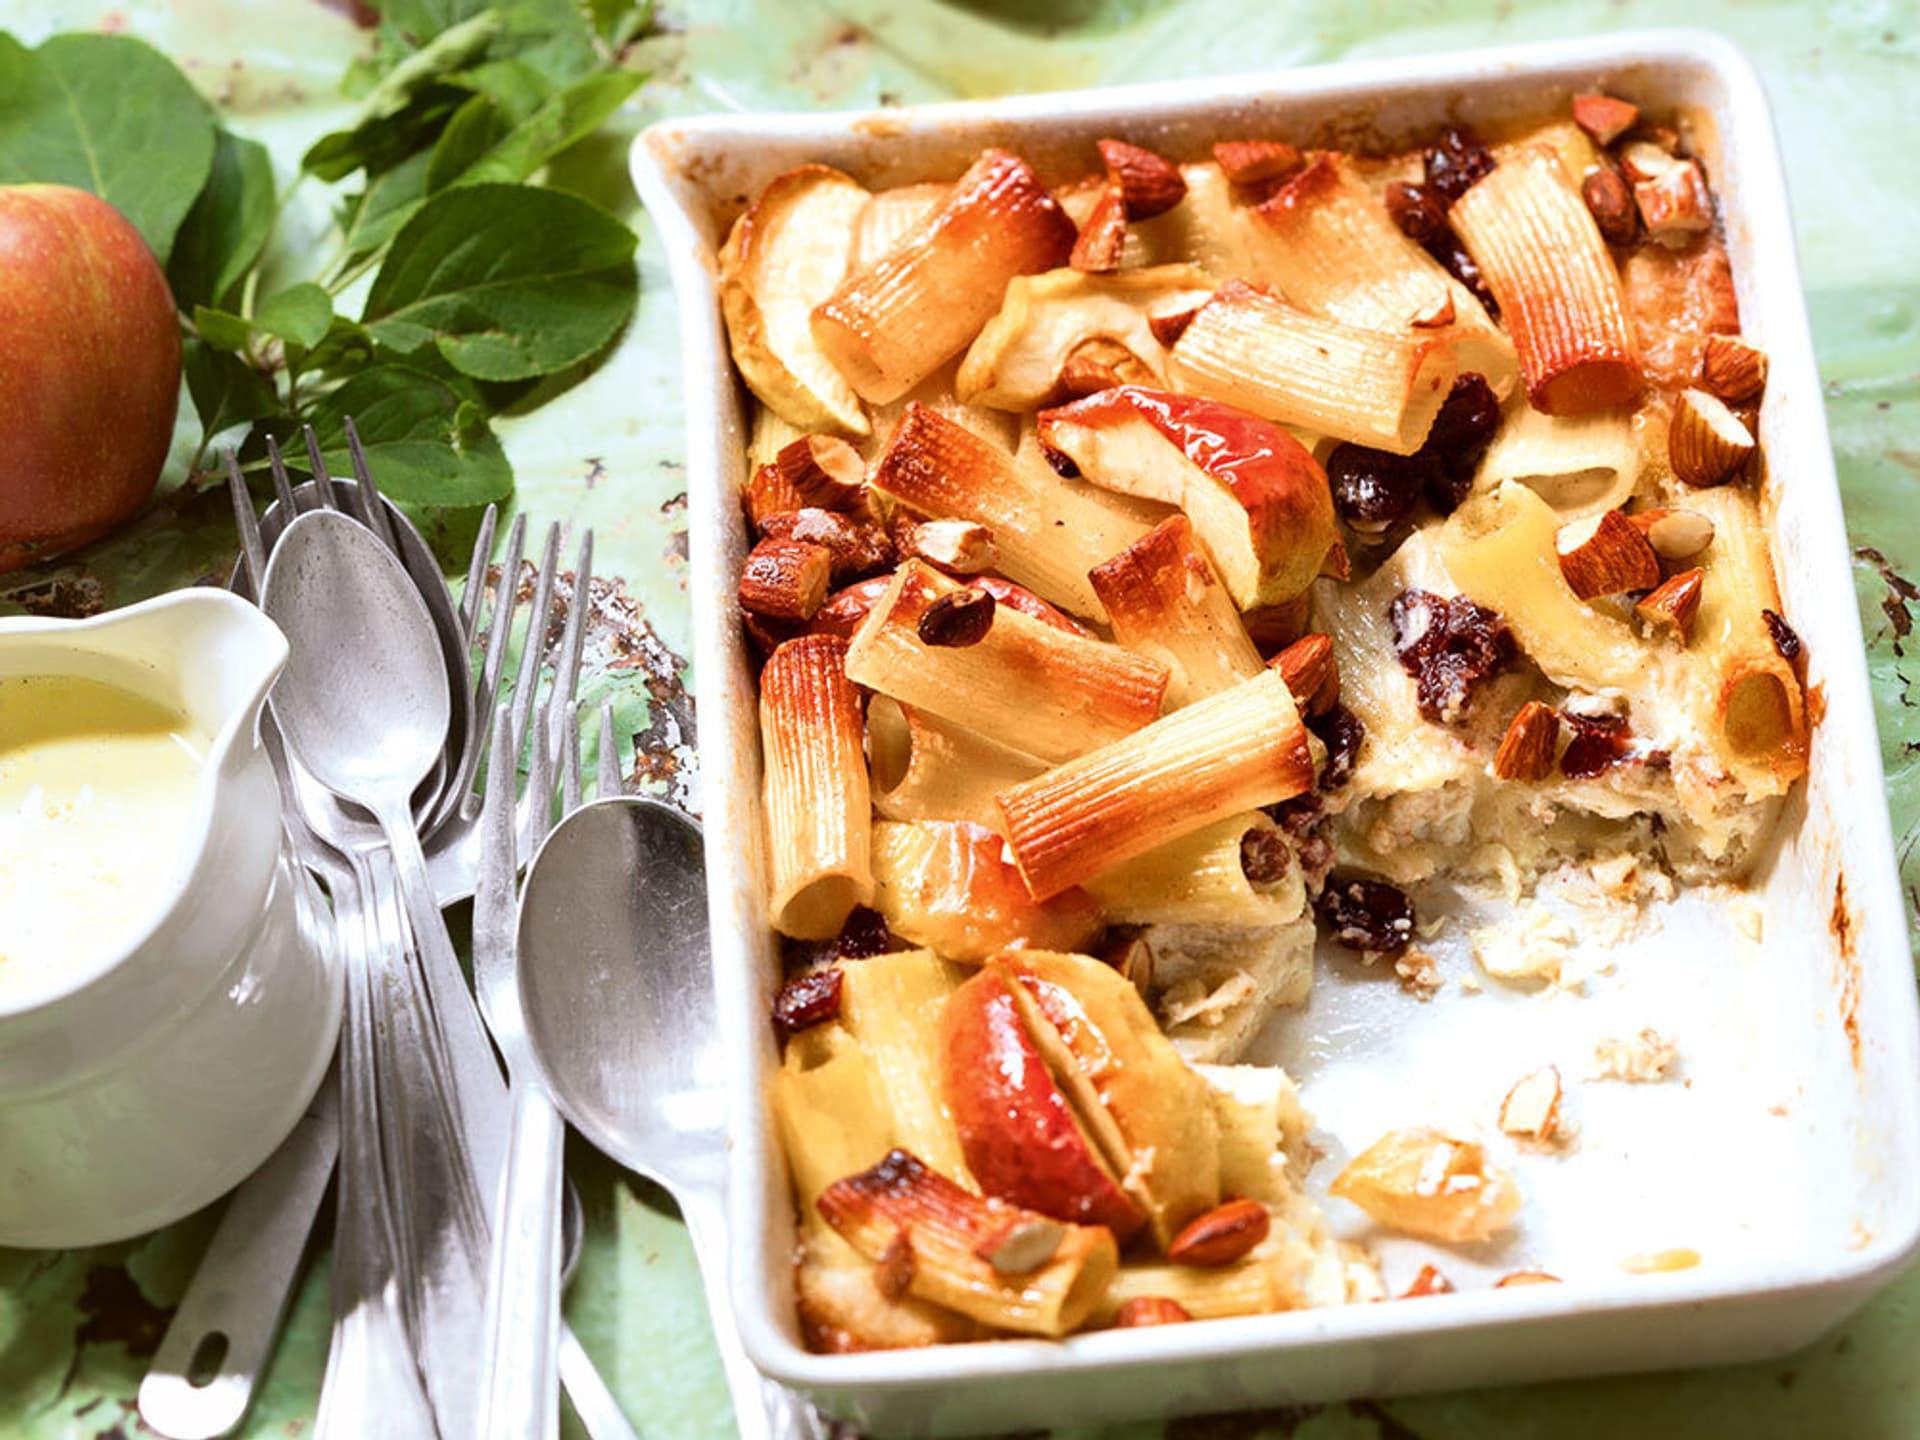 Suesser zimt nudelauflauf mit aepfeln mandeln und cranberrys